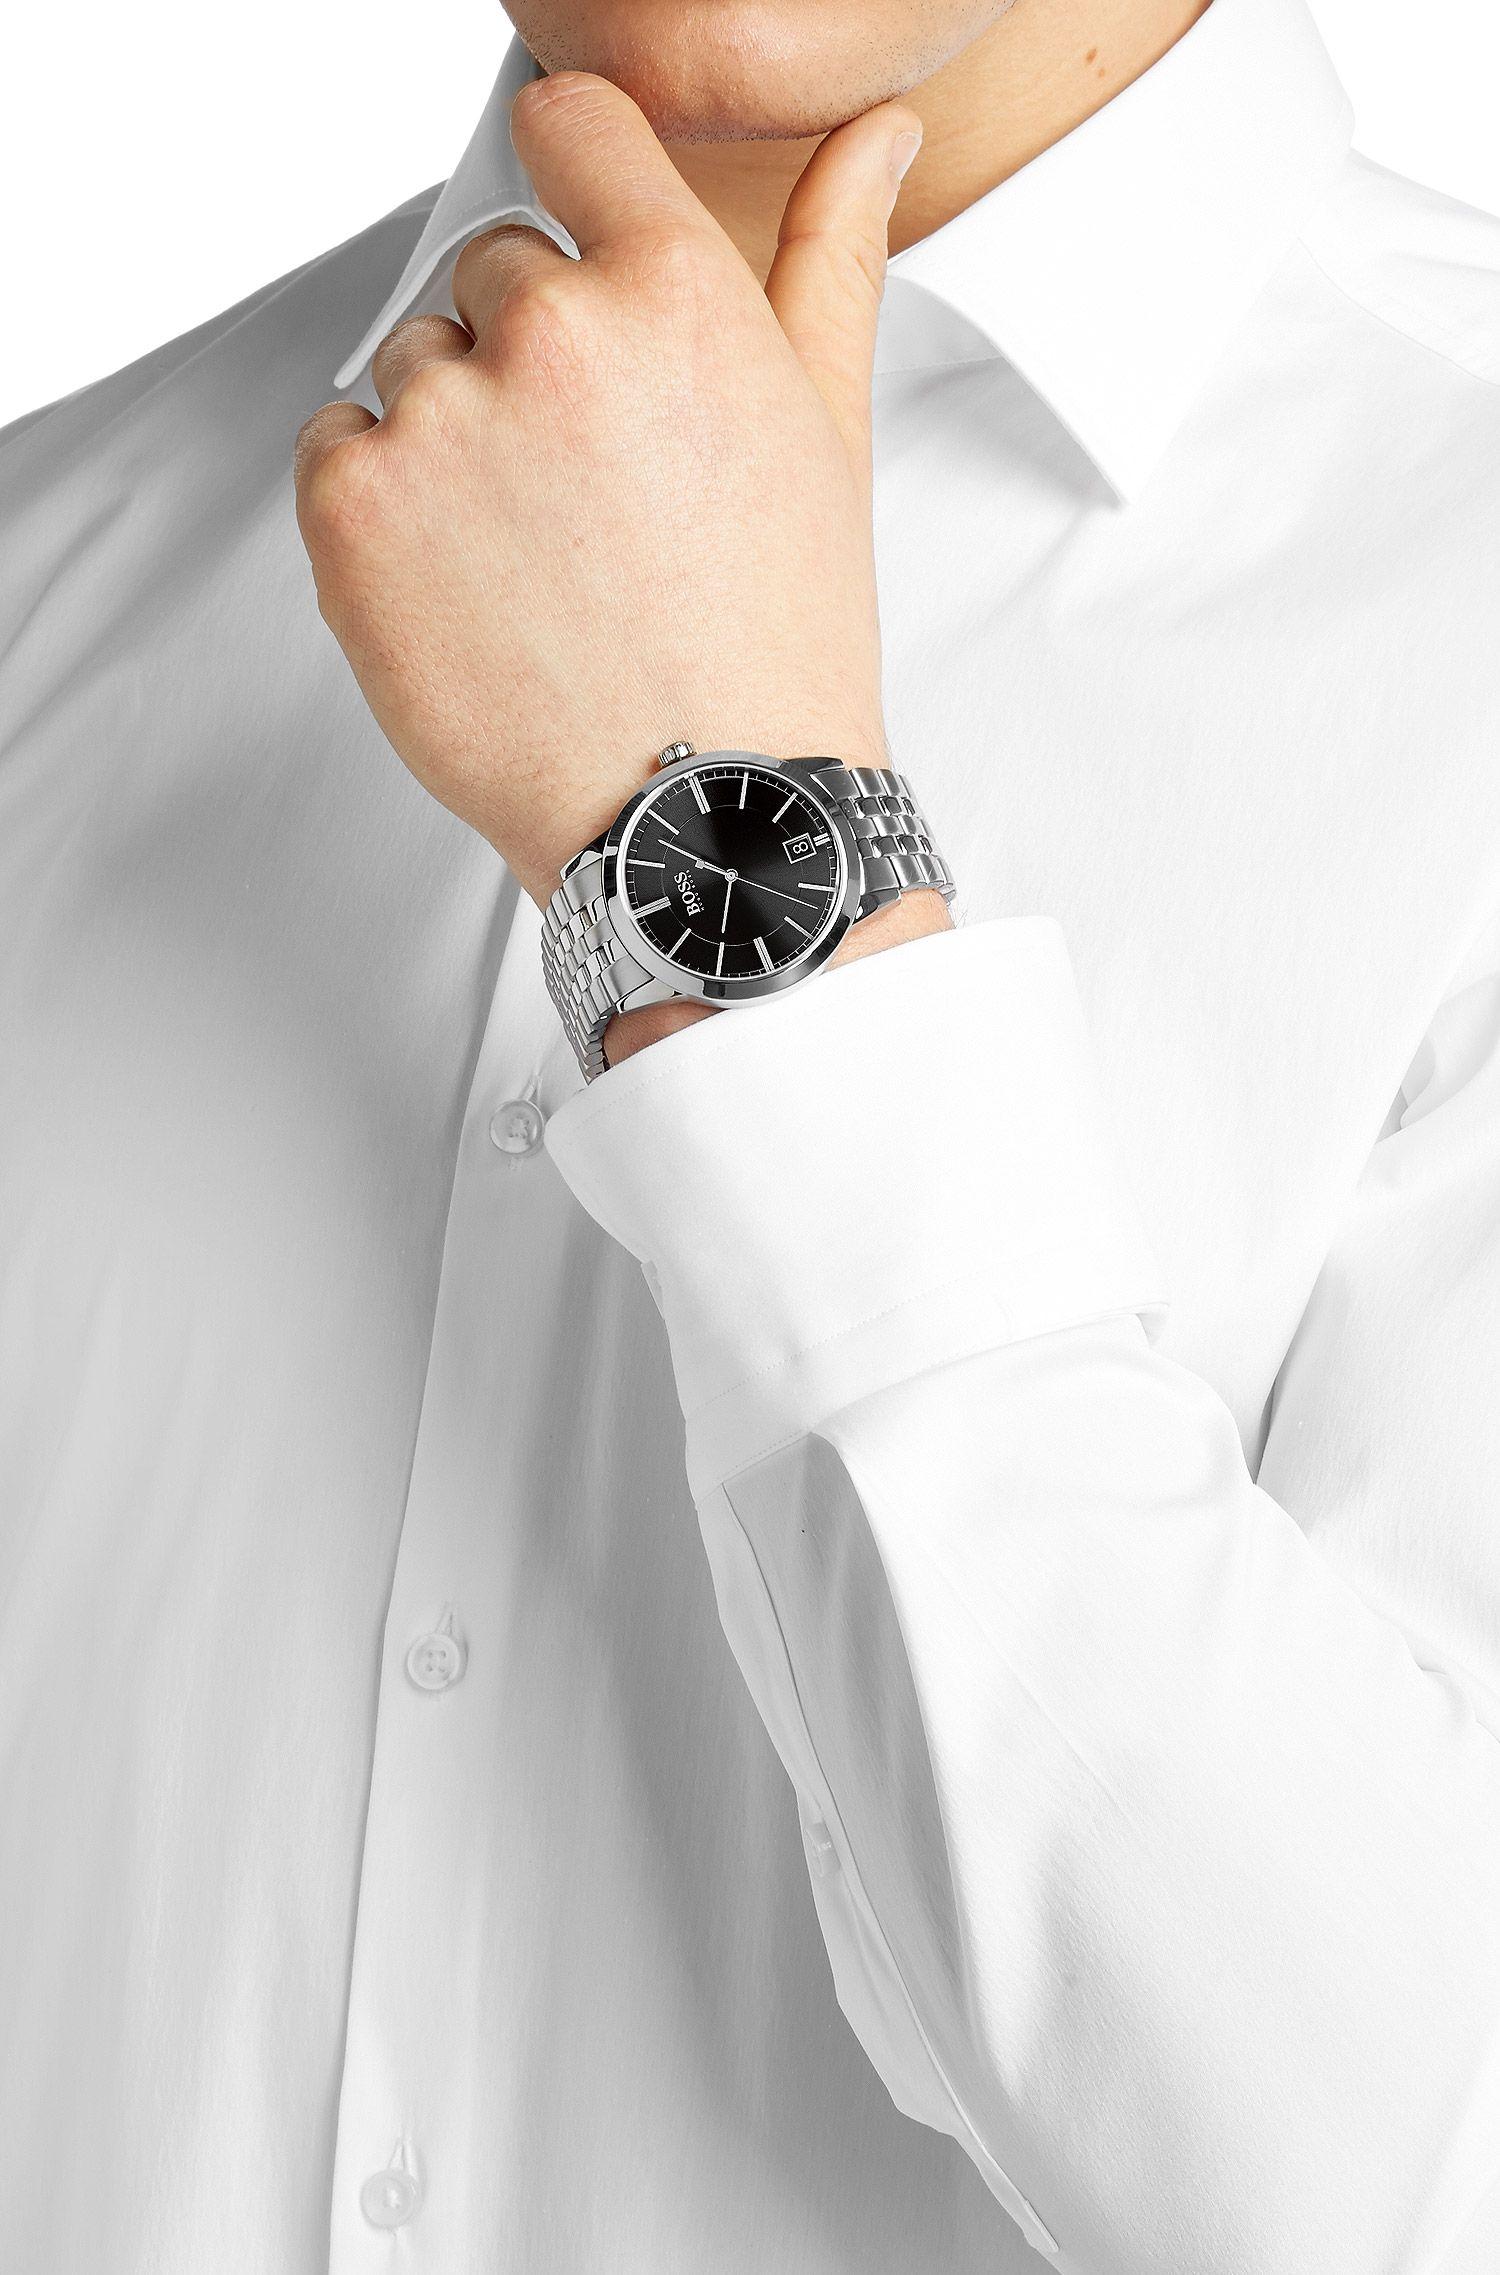 Montre-bracelet «HBSUCES» à mouvement à quartz.